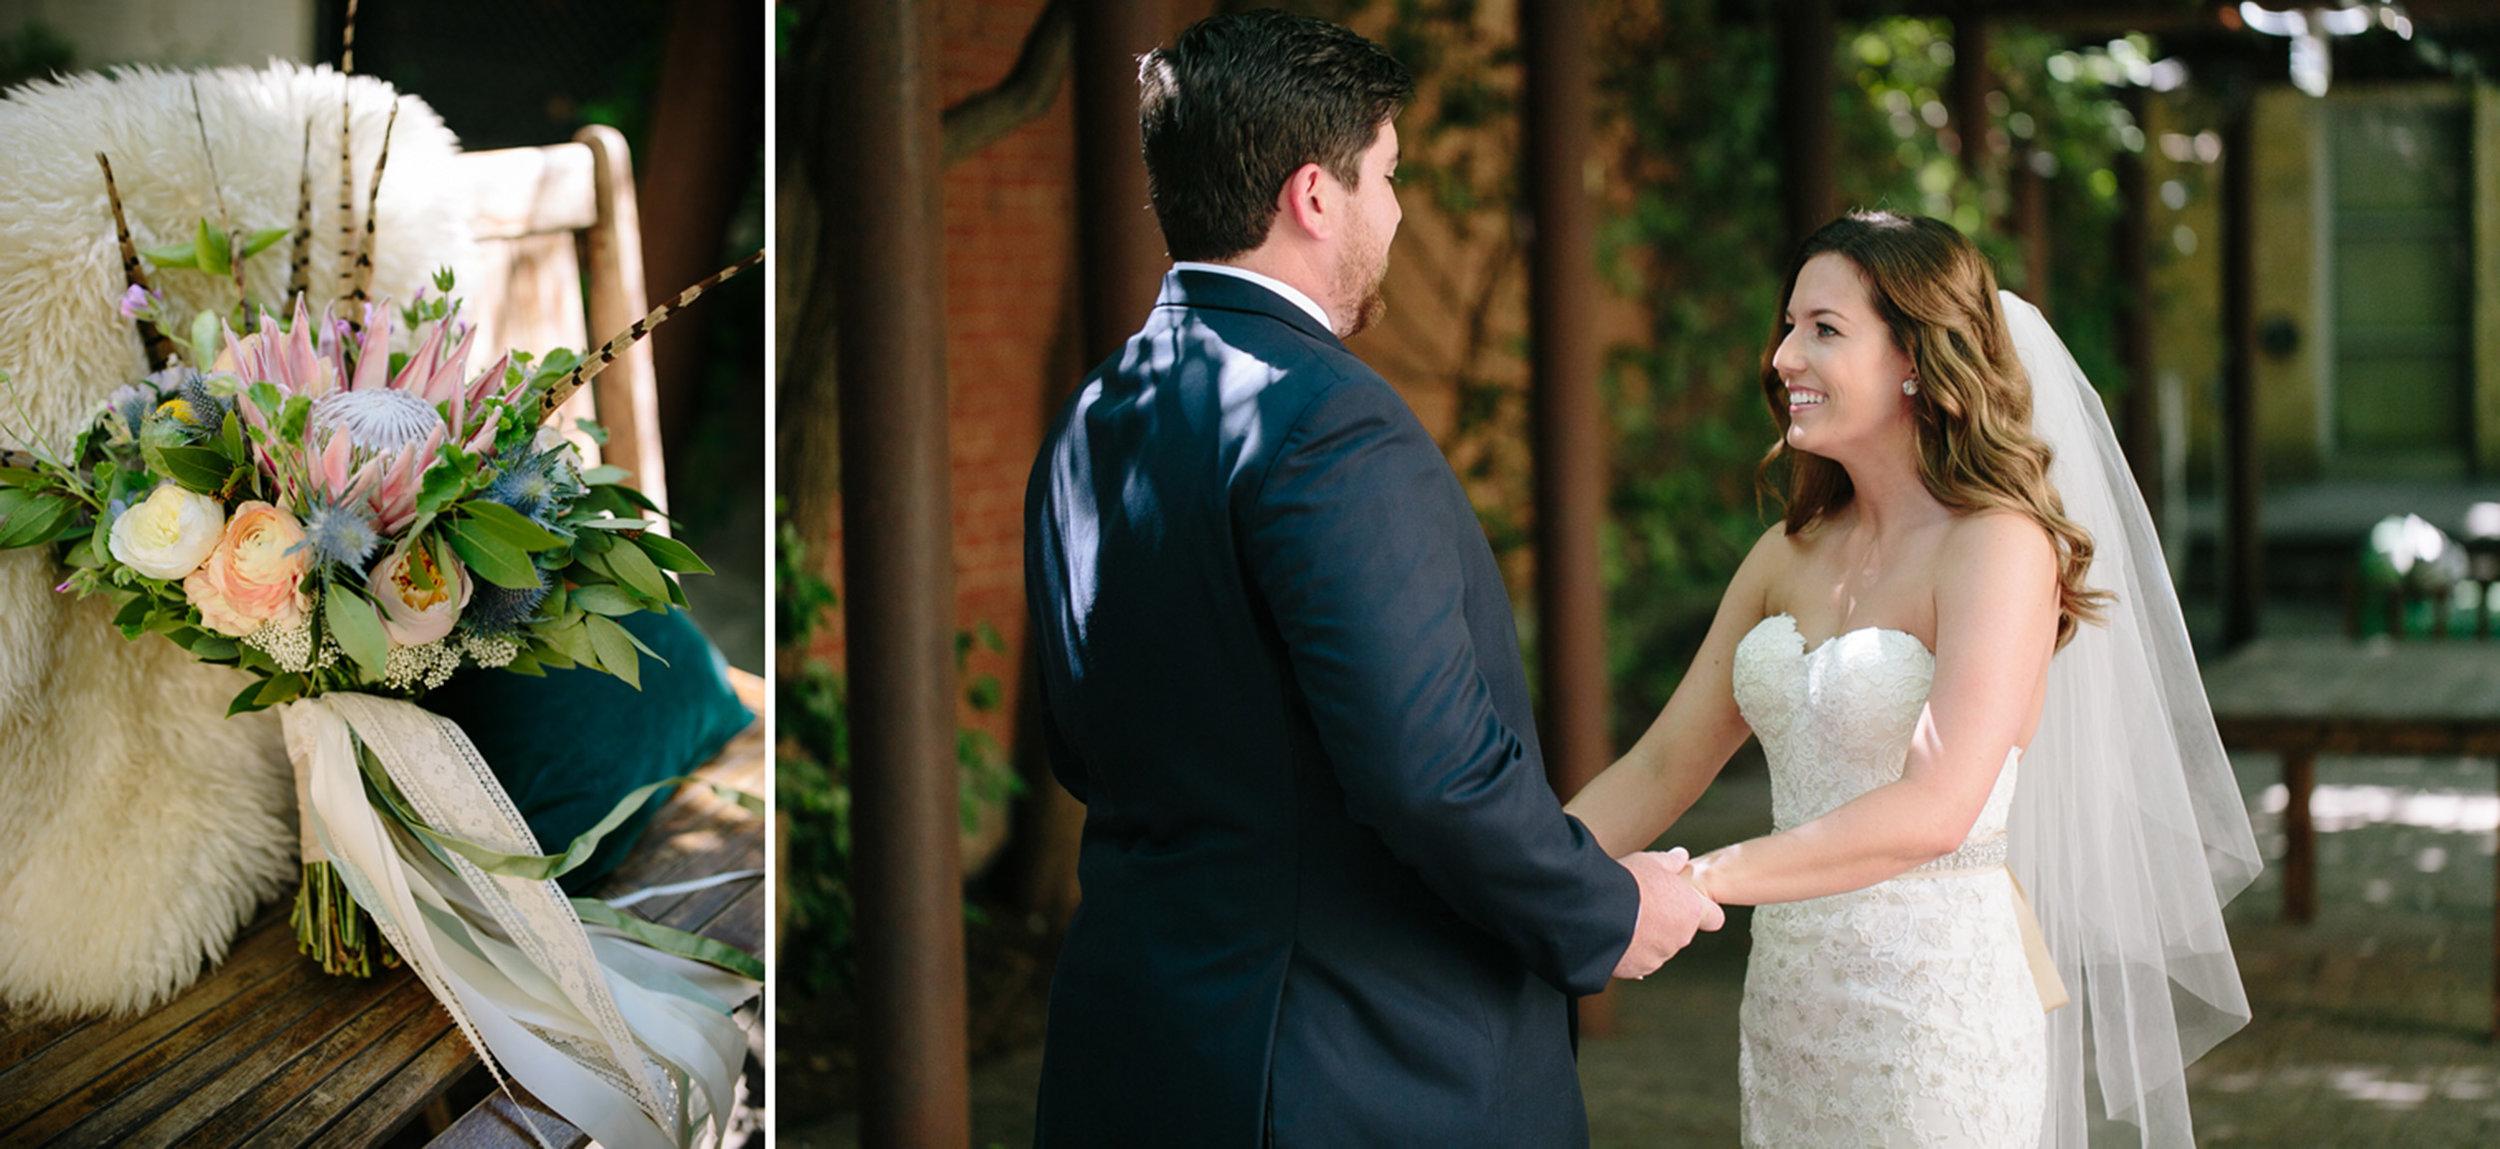 Austin_WeddingPhotographer004.jpg